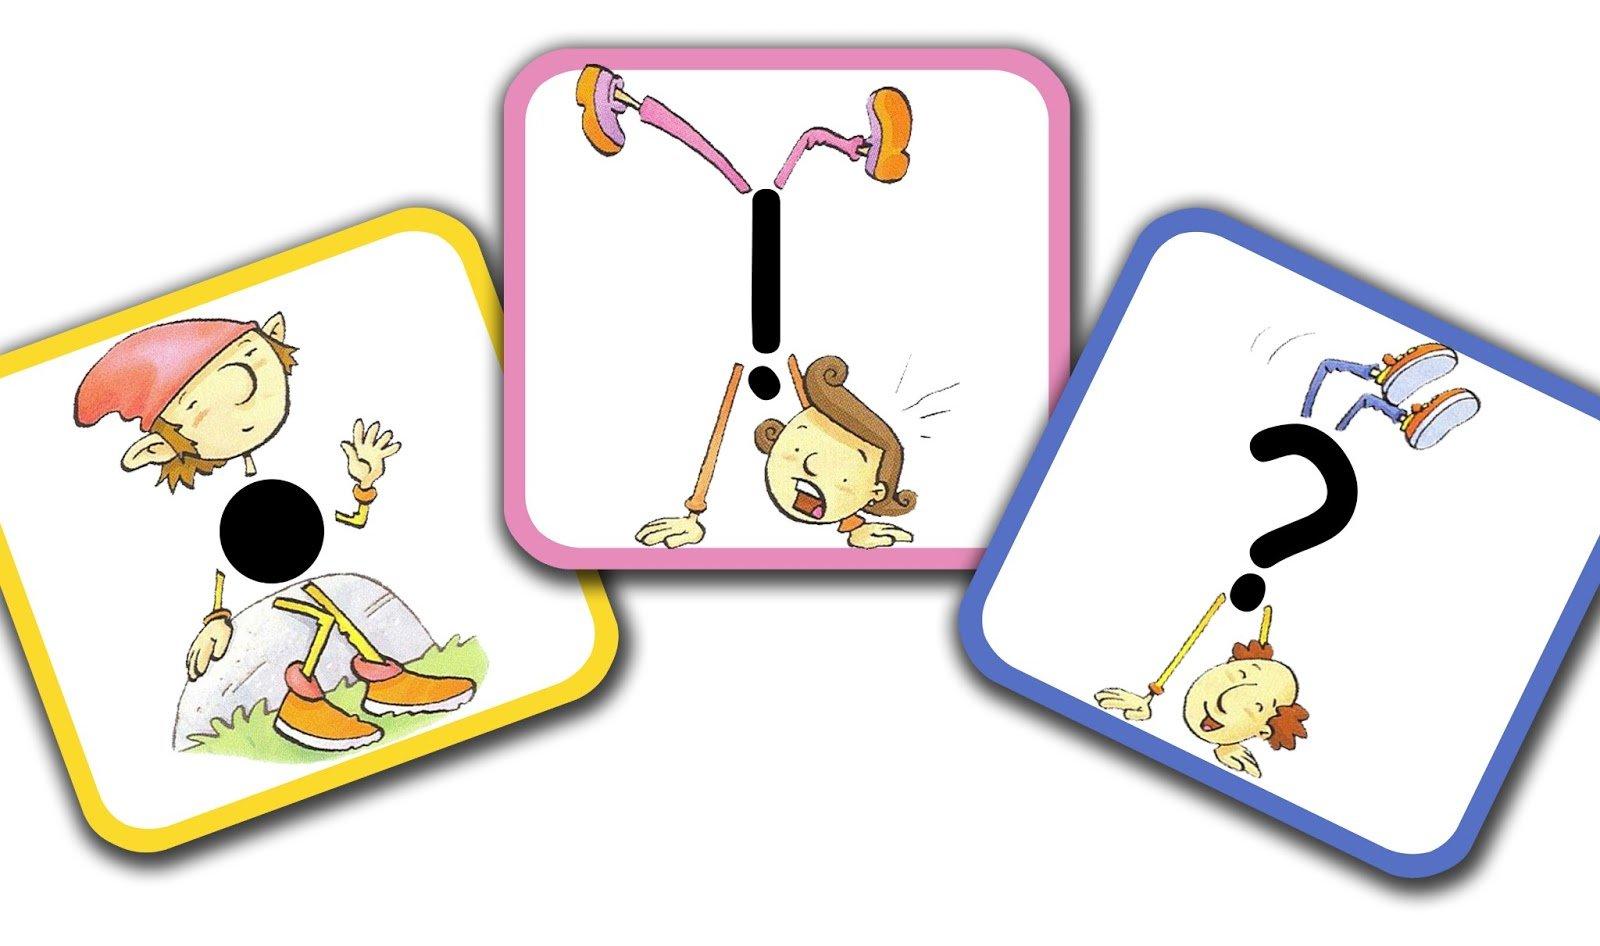 Картинки для детей знаки препинания - подборка 20 фото 7